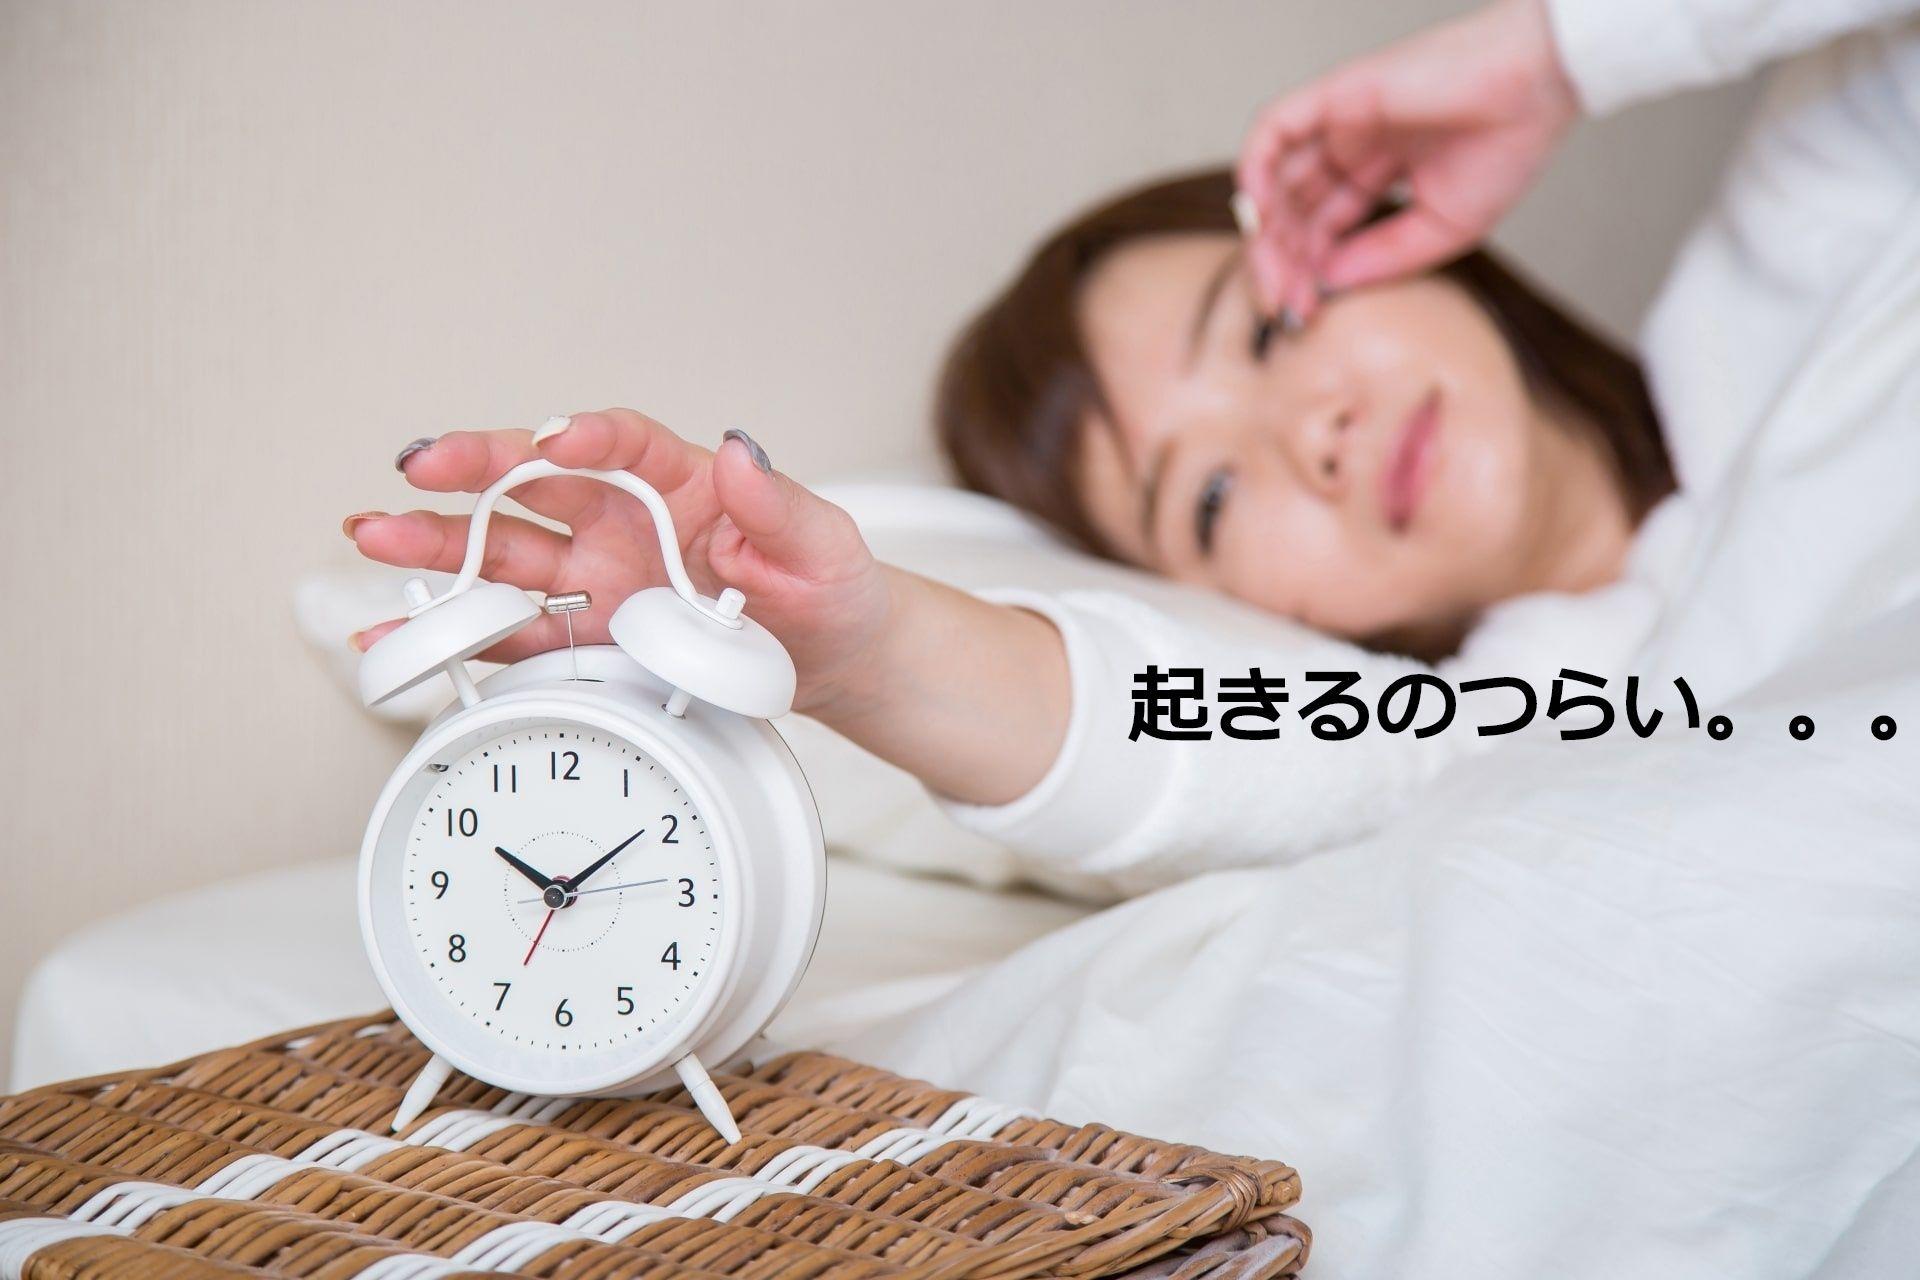 5感を刺激する、おもしろ目覚まし時計3選⏰